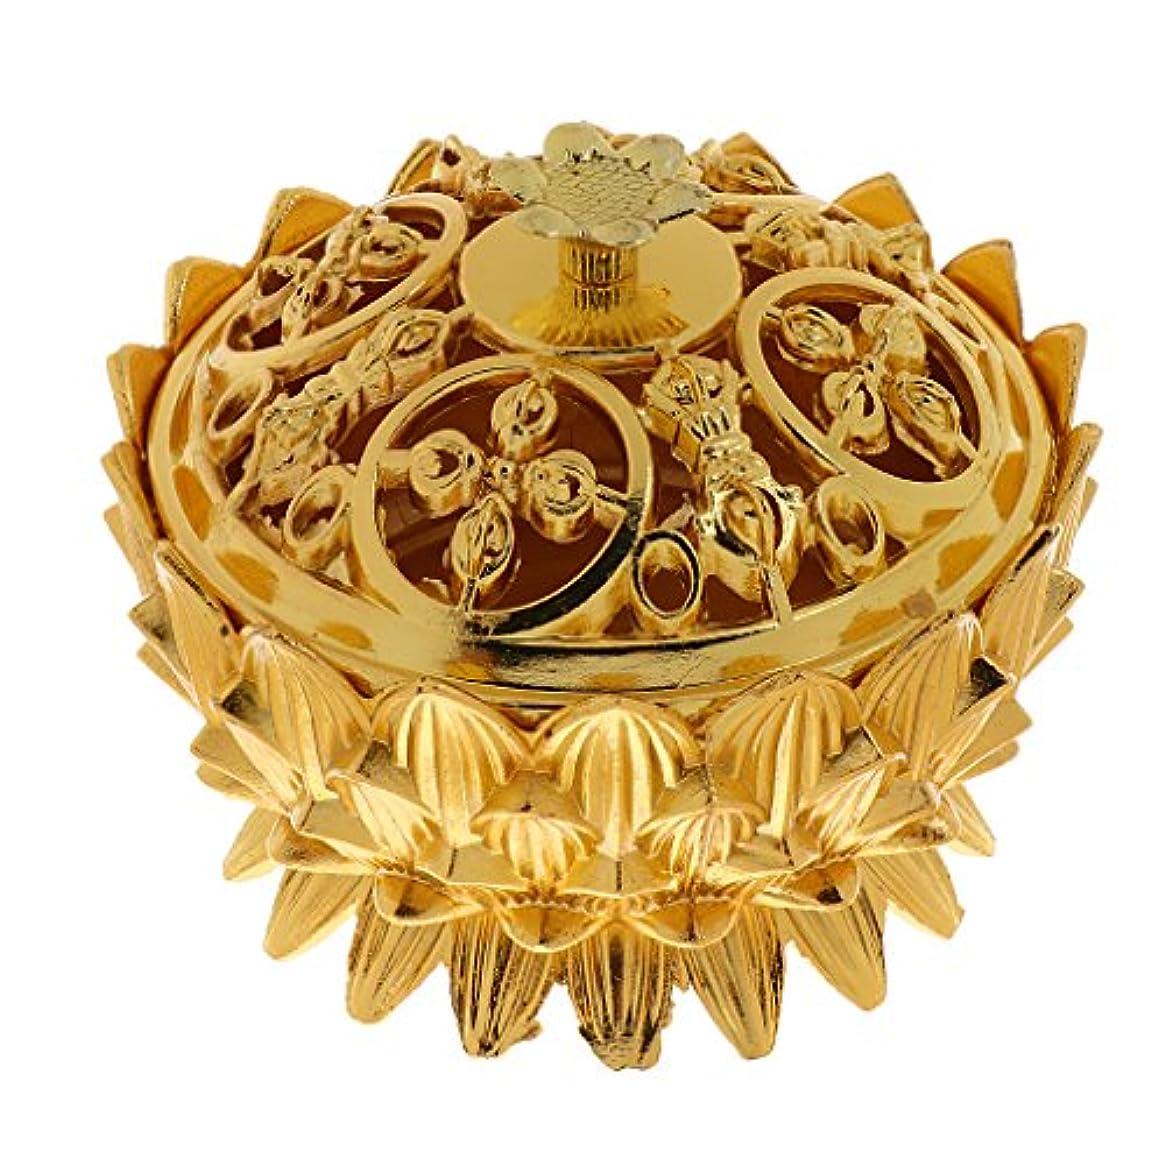 高原運搬ヶ月目仏教 チベット 蓮 香りバーナー 香炉 金属 工芸品 家 装飾 全3選択 - #3